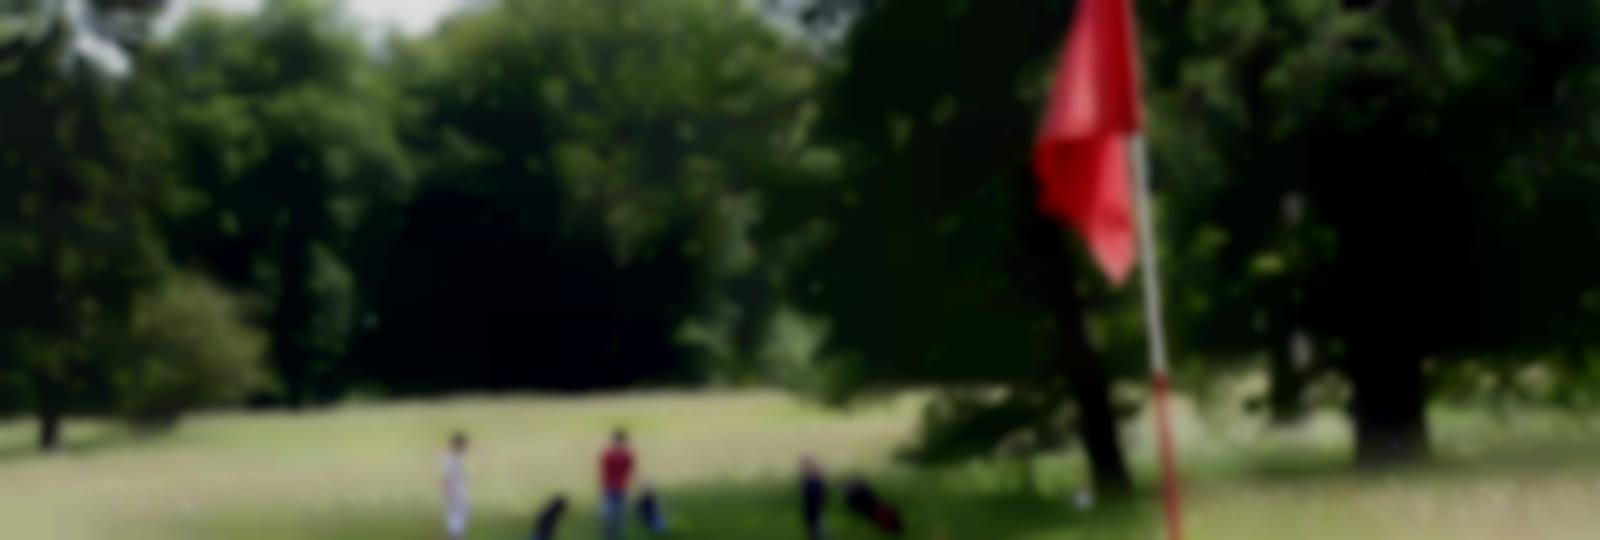 Practice de golf Nogent-le-Roi